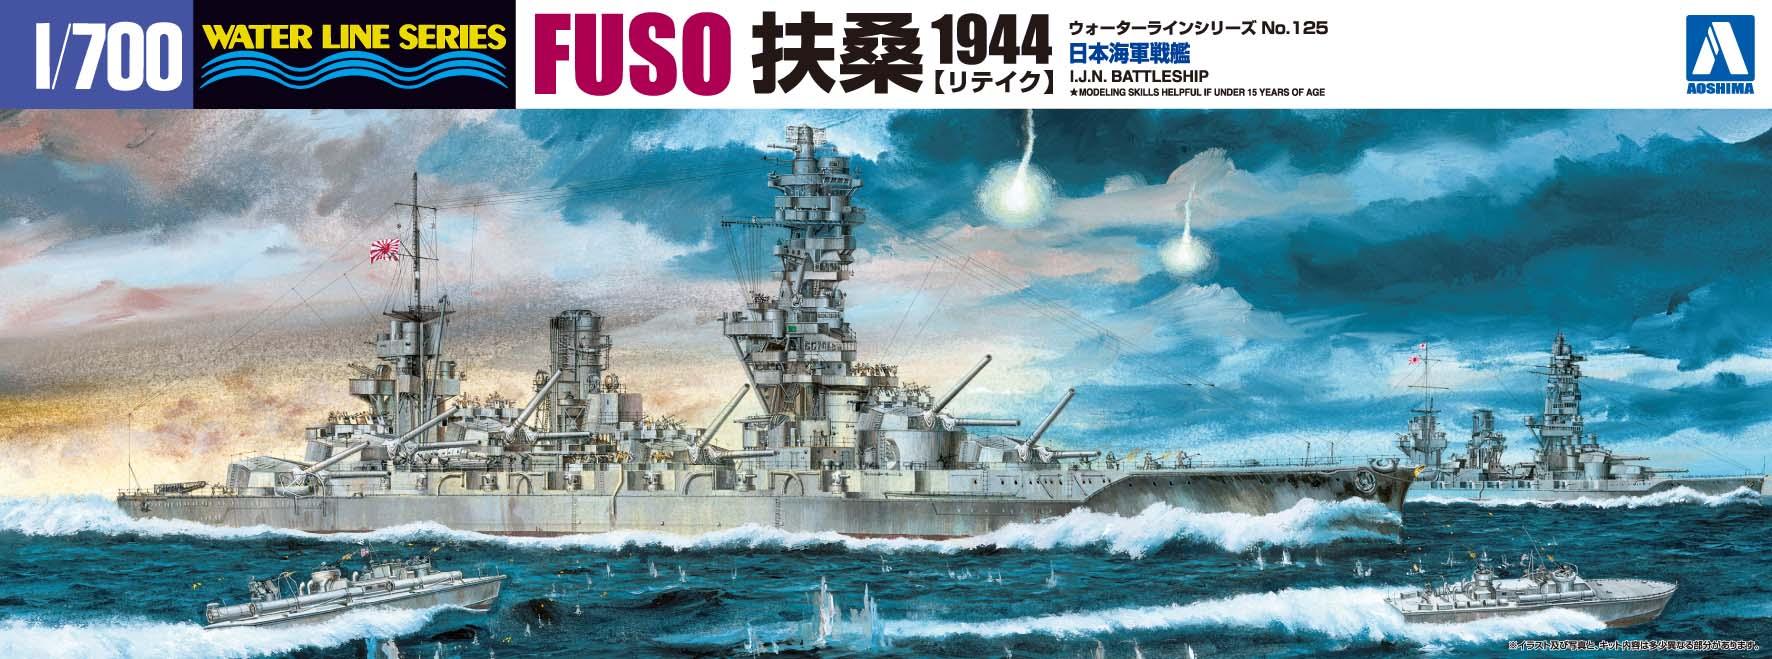 Aoshima 1/700 I.J.N. BATTLESHIP FUSO 1944 RETAKE